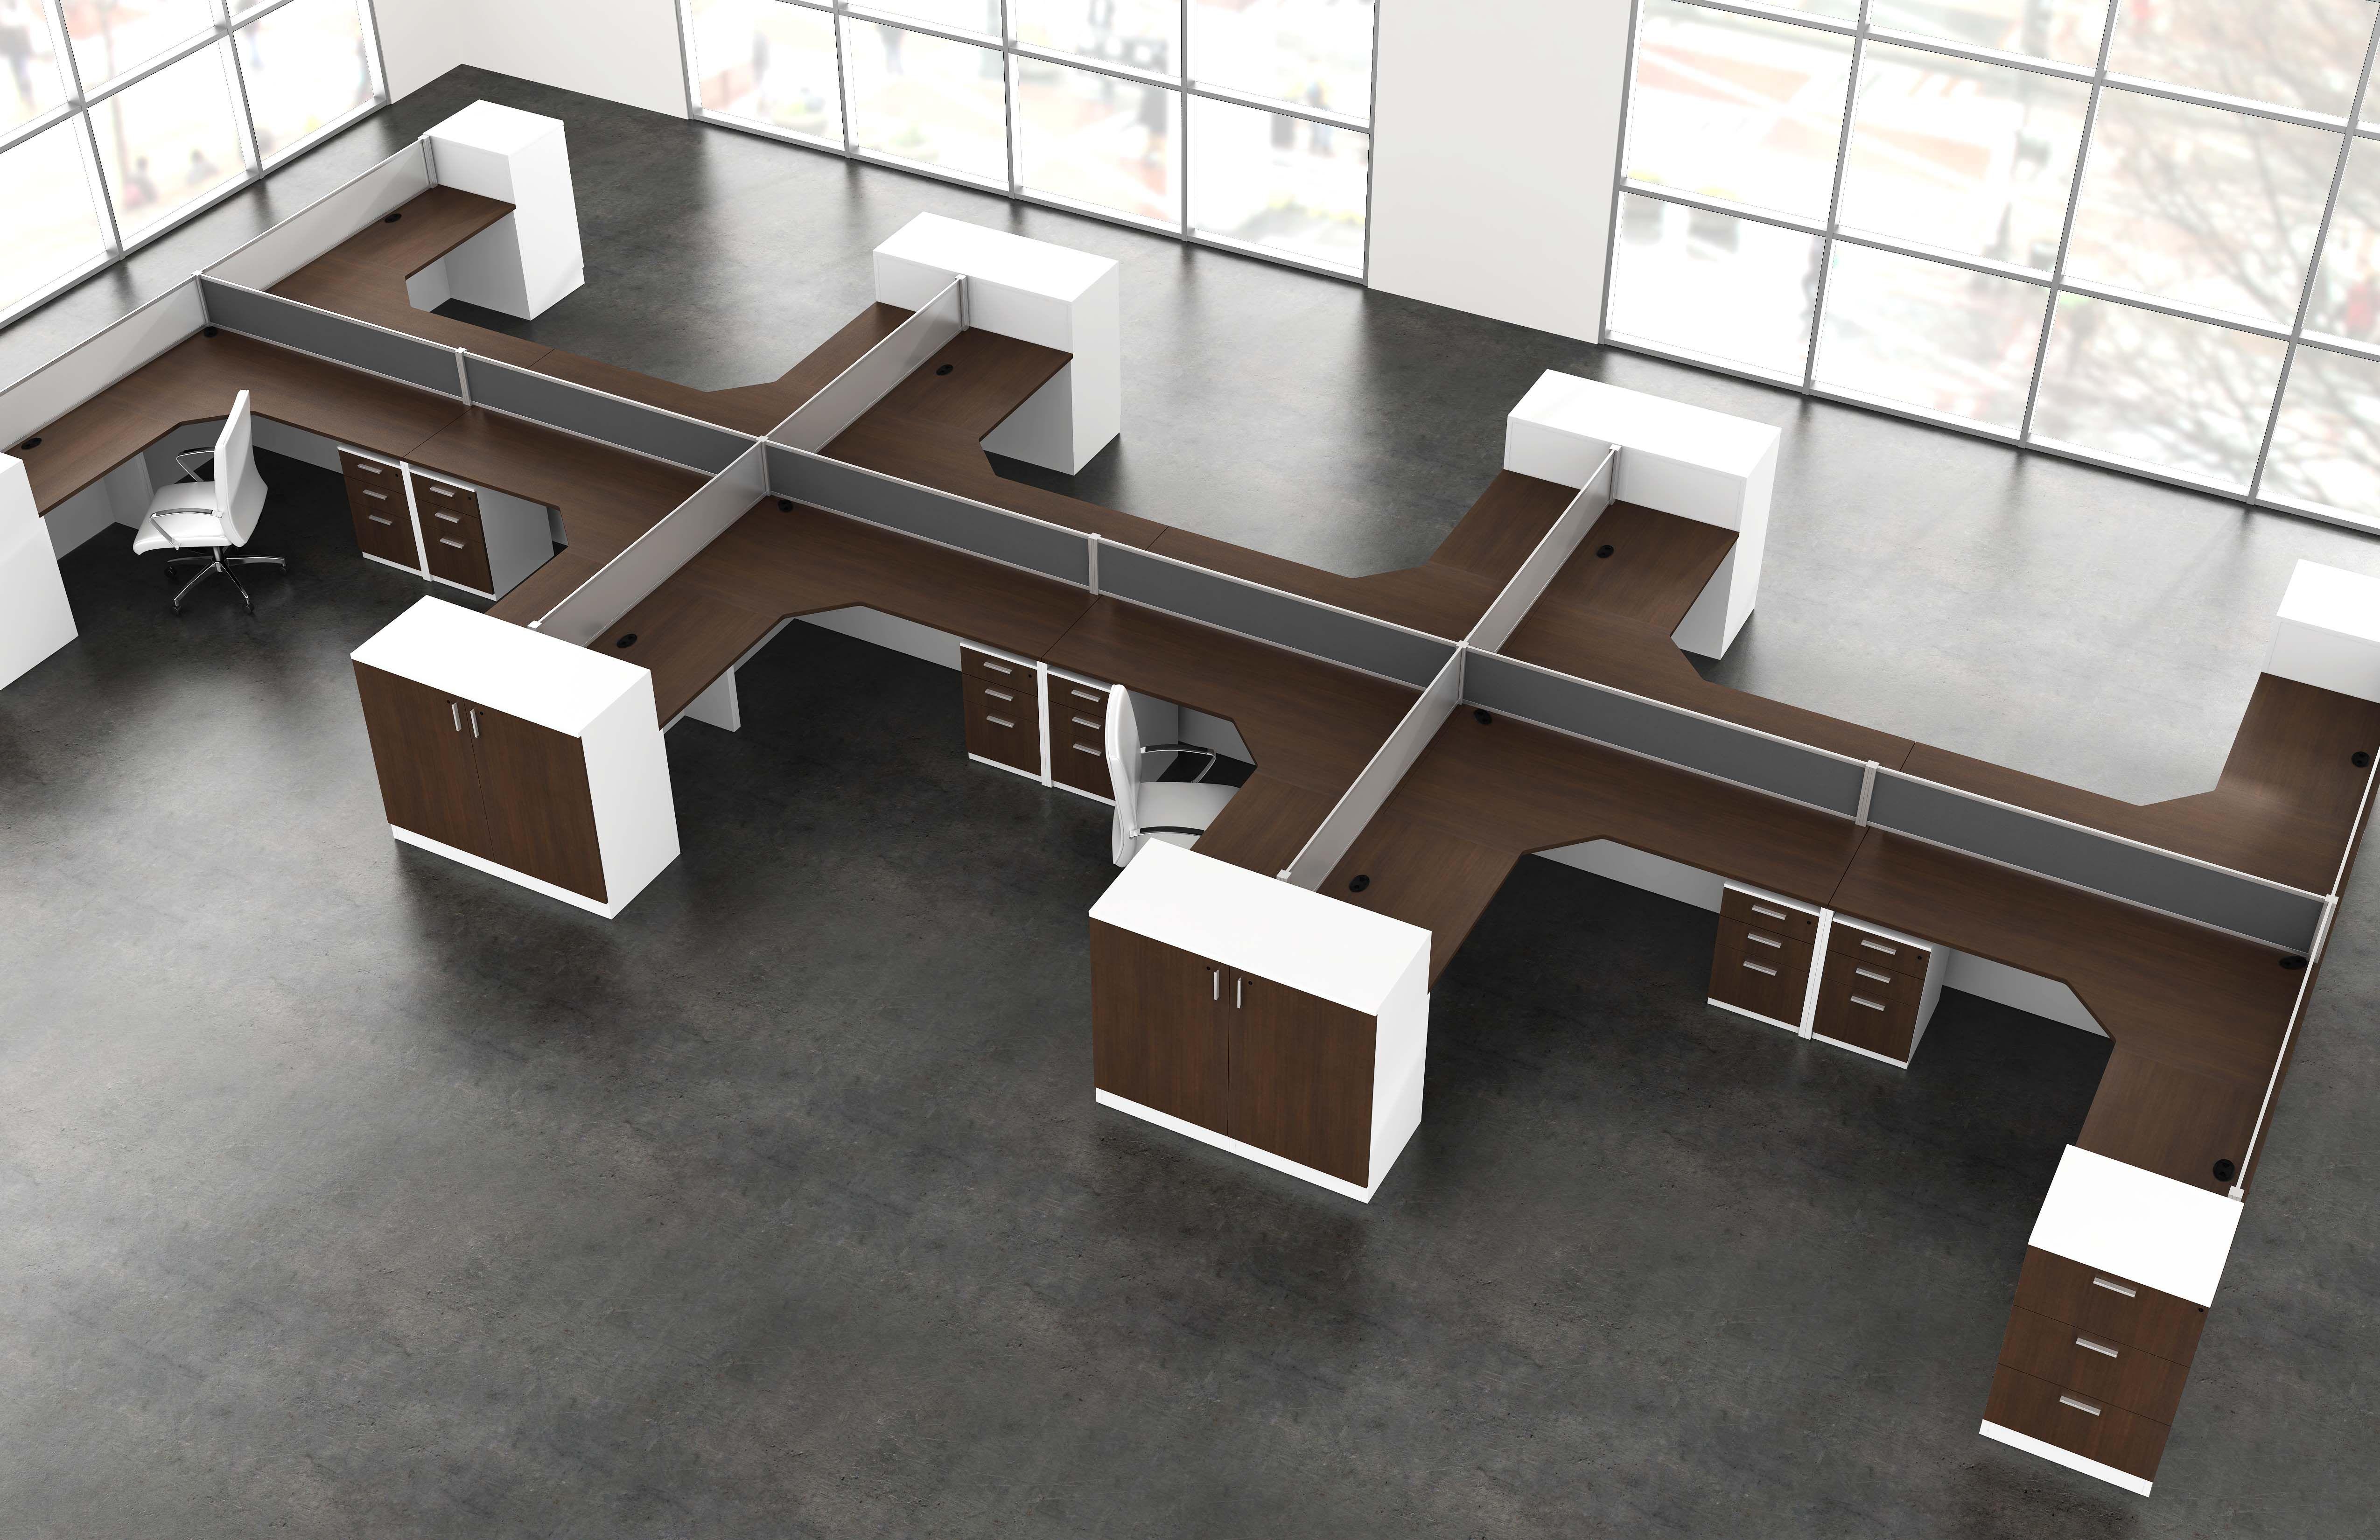 Architectural Commercial Design Using Autodesk Revit 2014